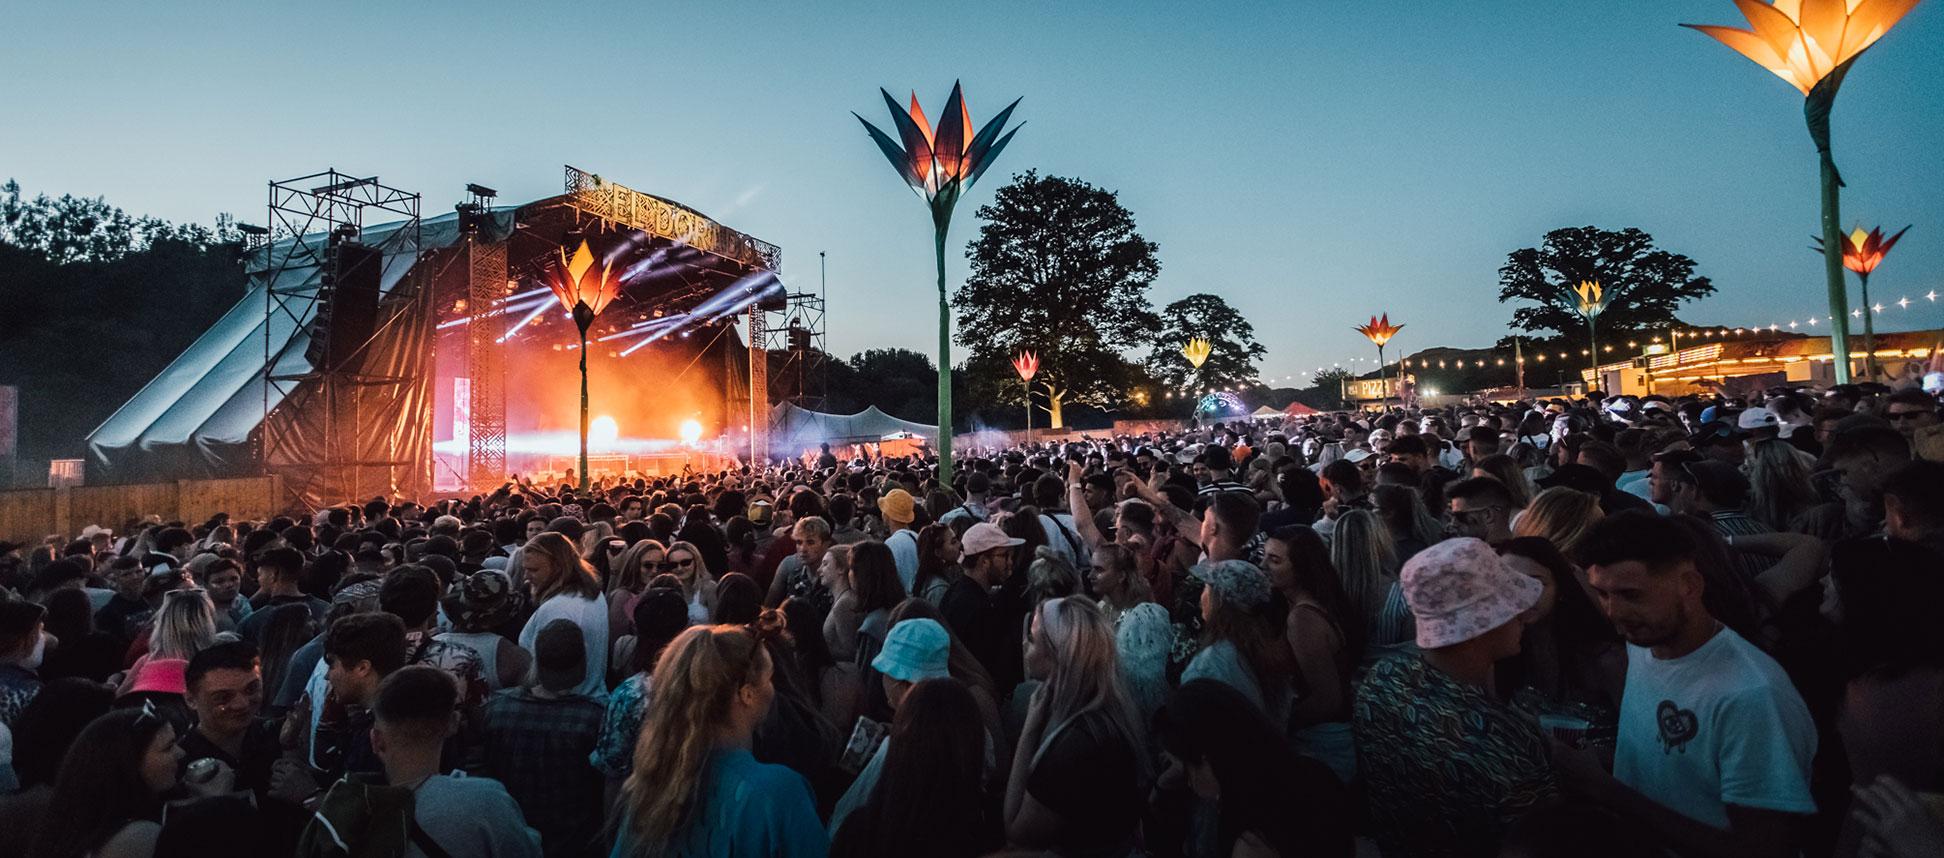 El Dorado Festival 2019